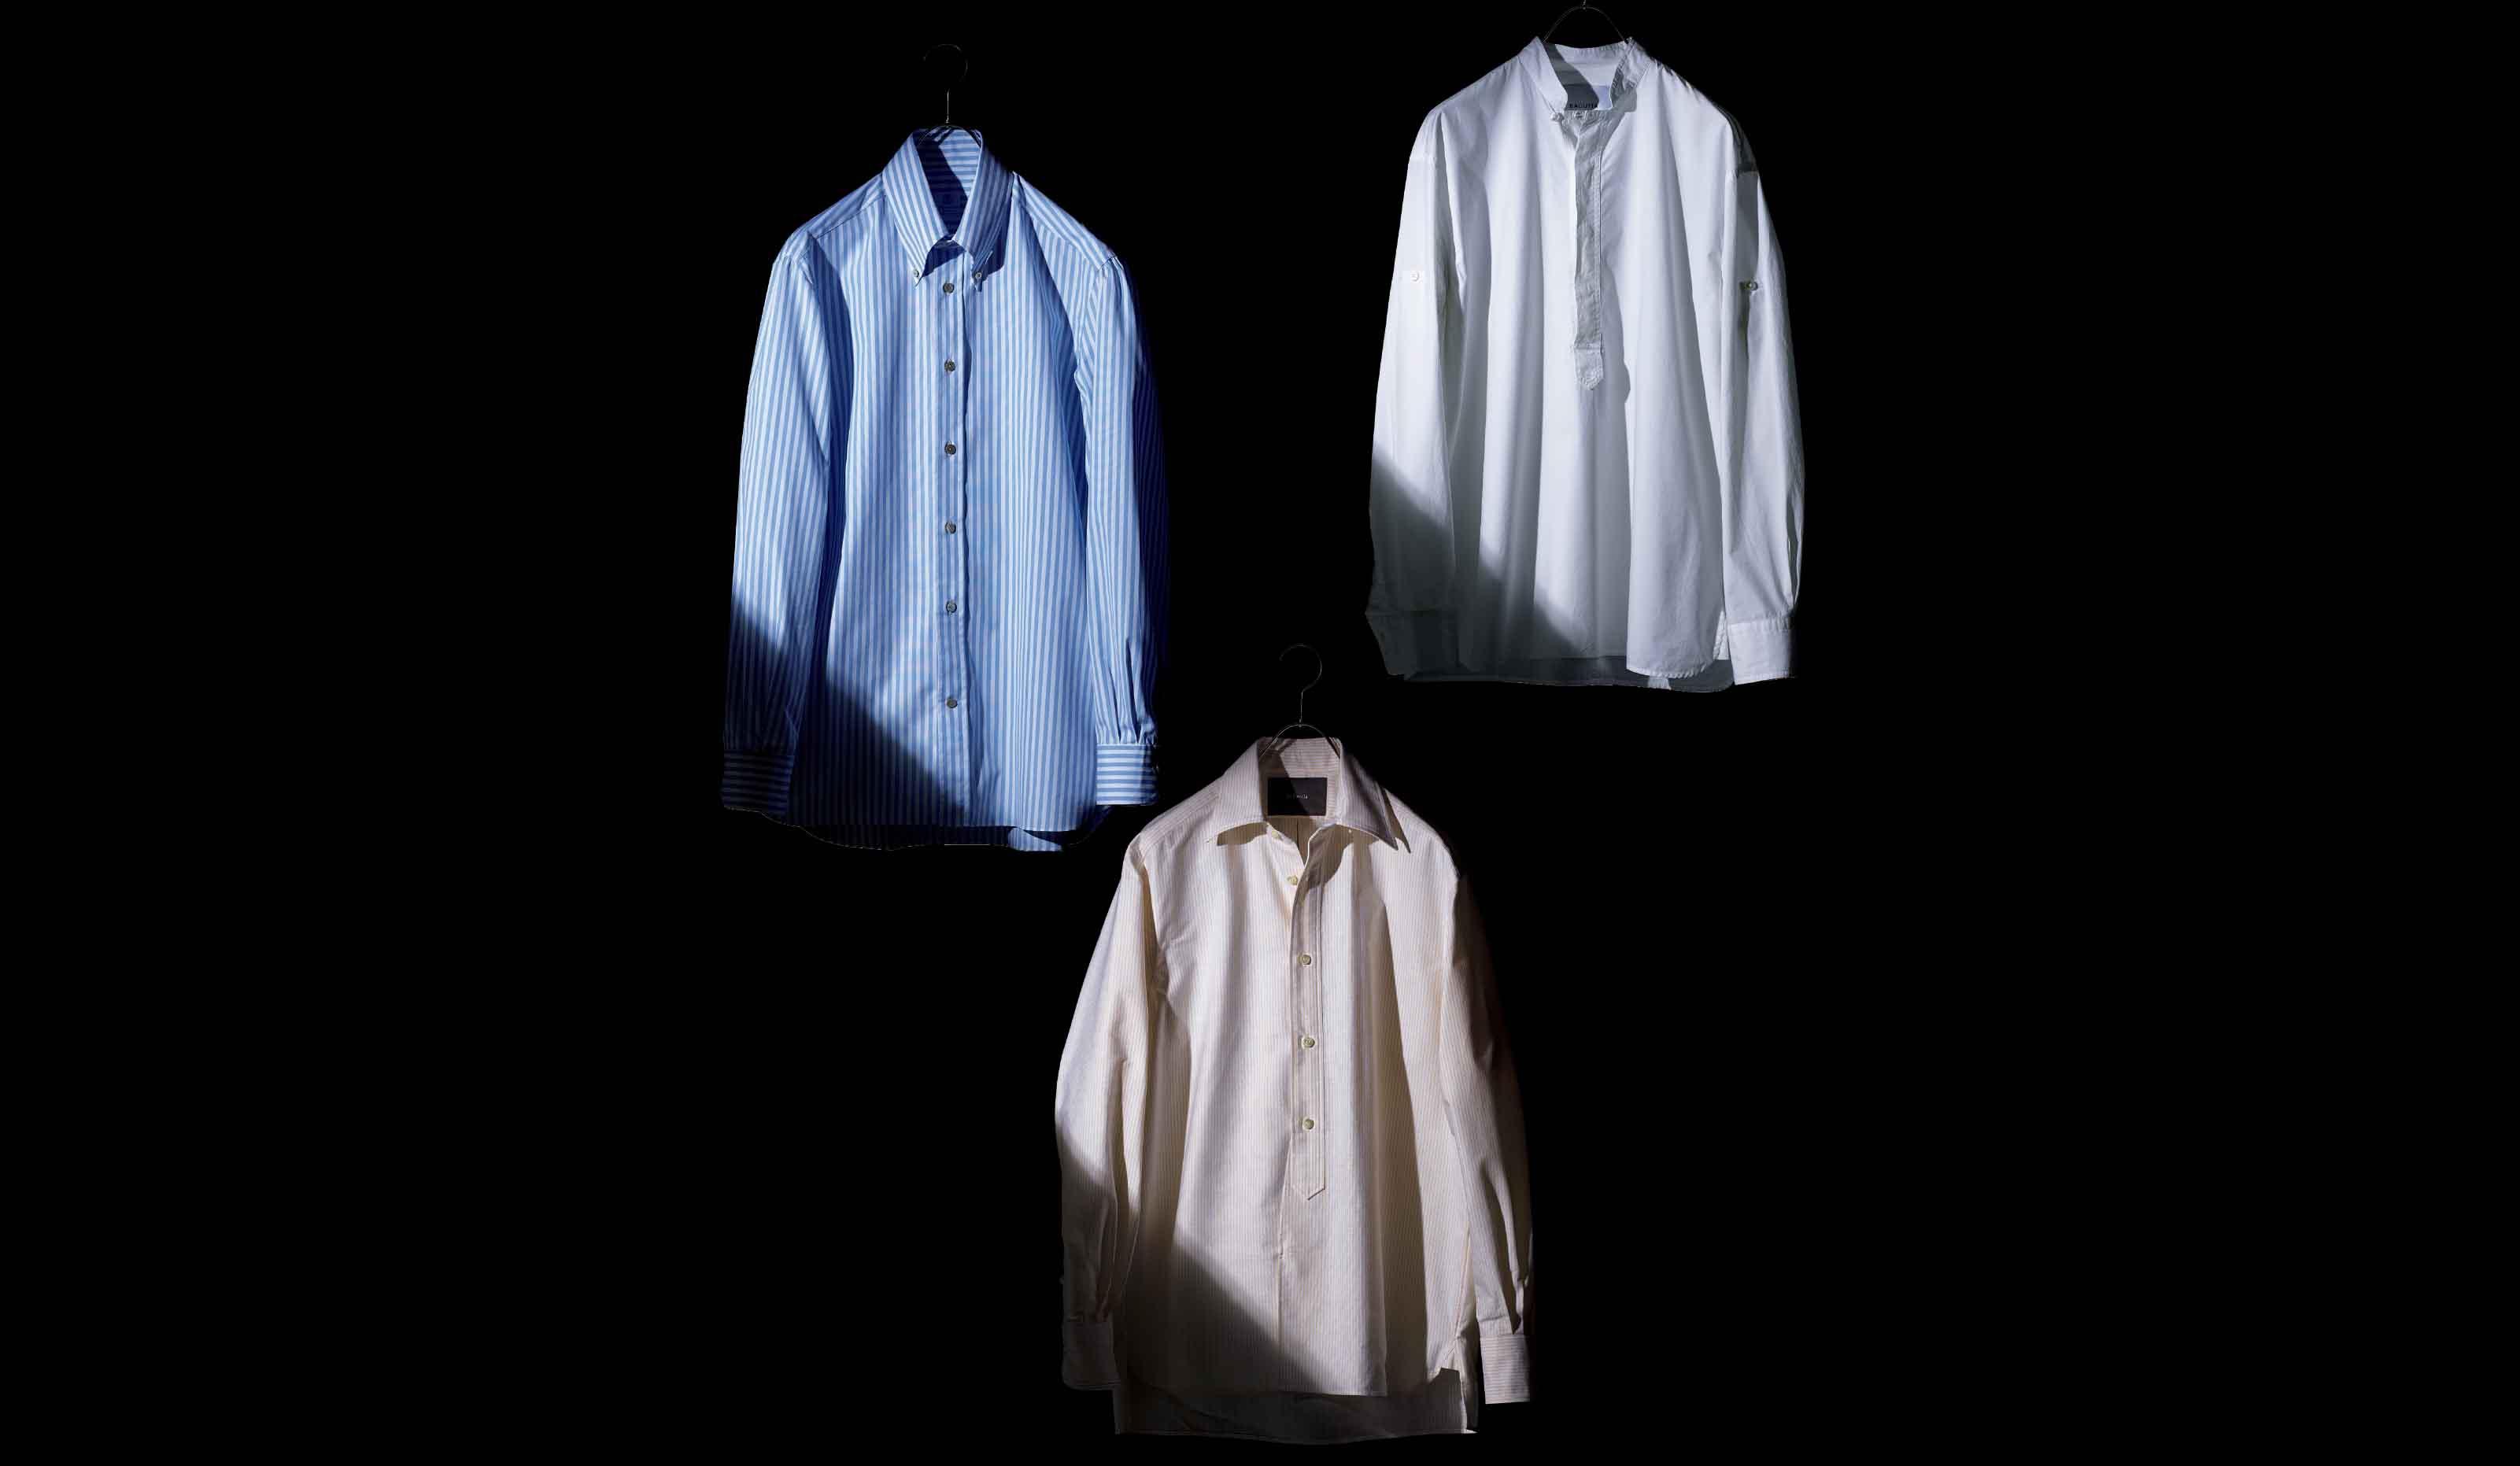 ヴァナコーレ、ラファーボラ、バグッタのシャツ